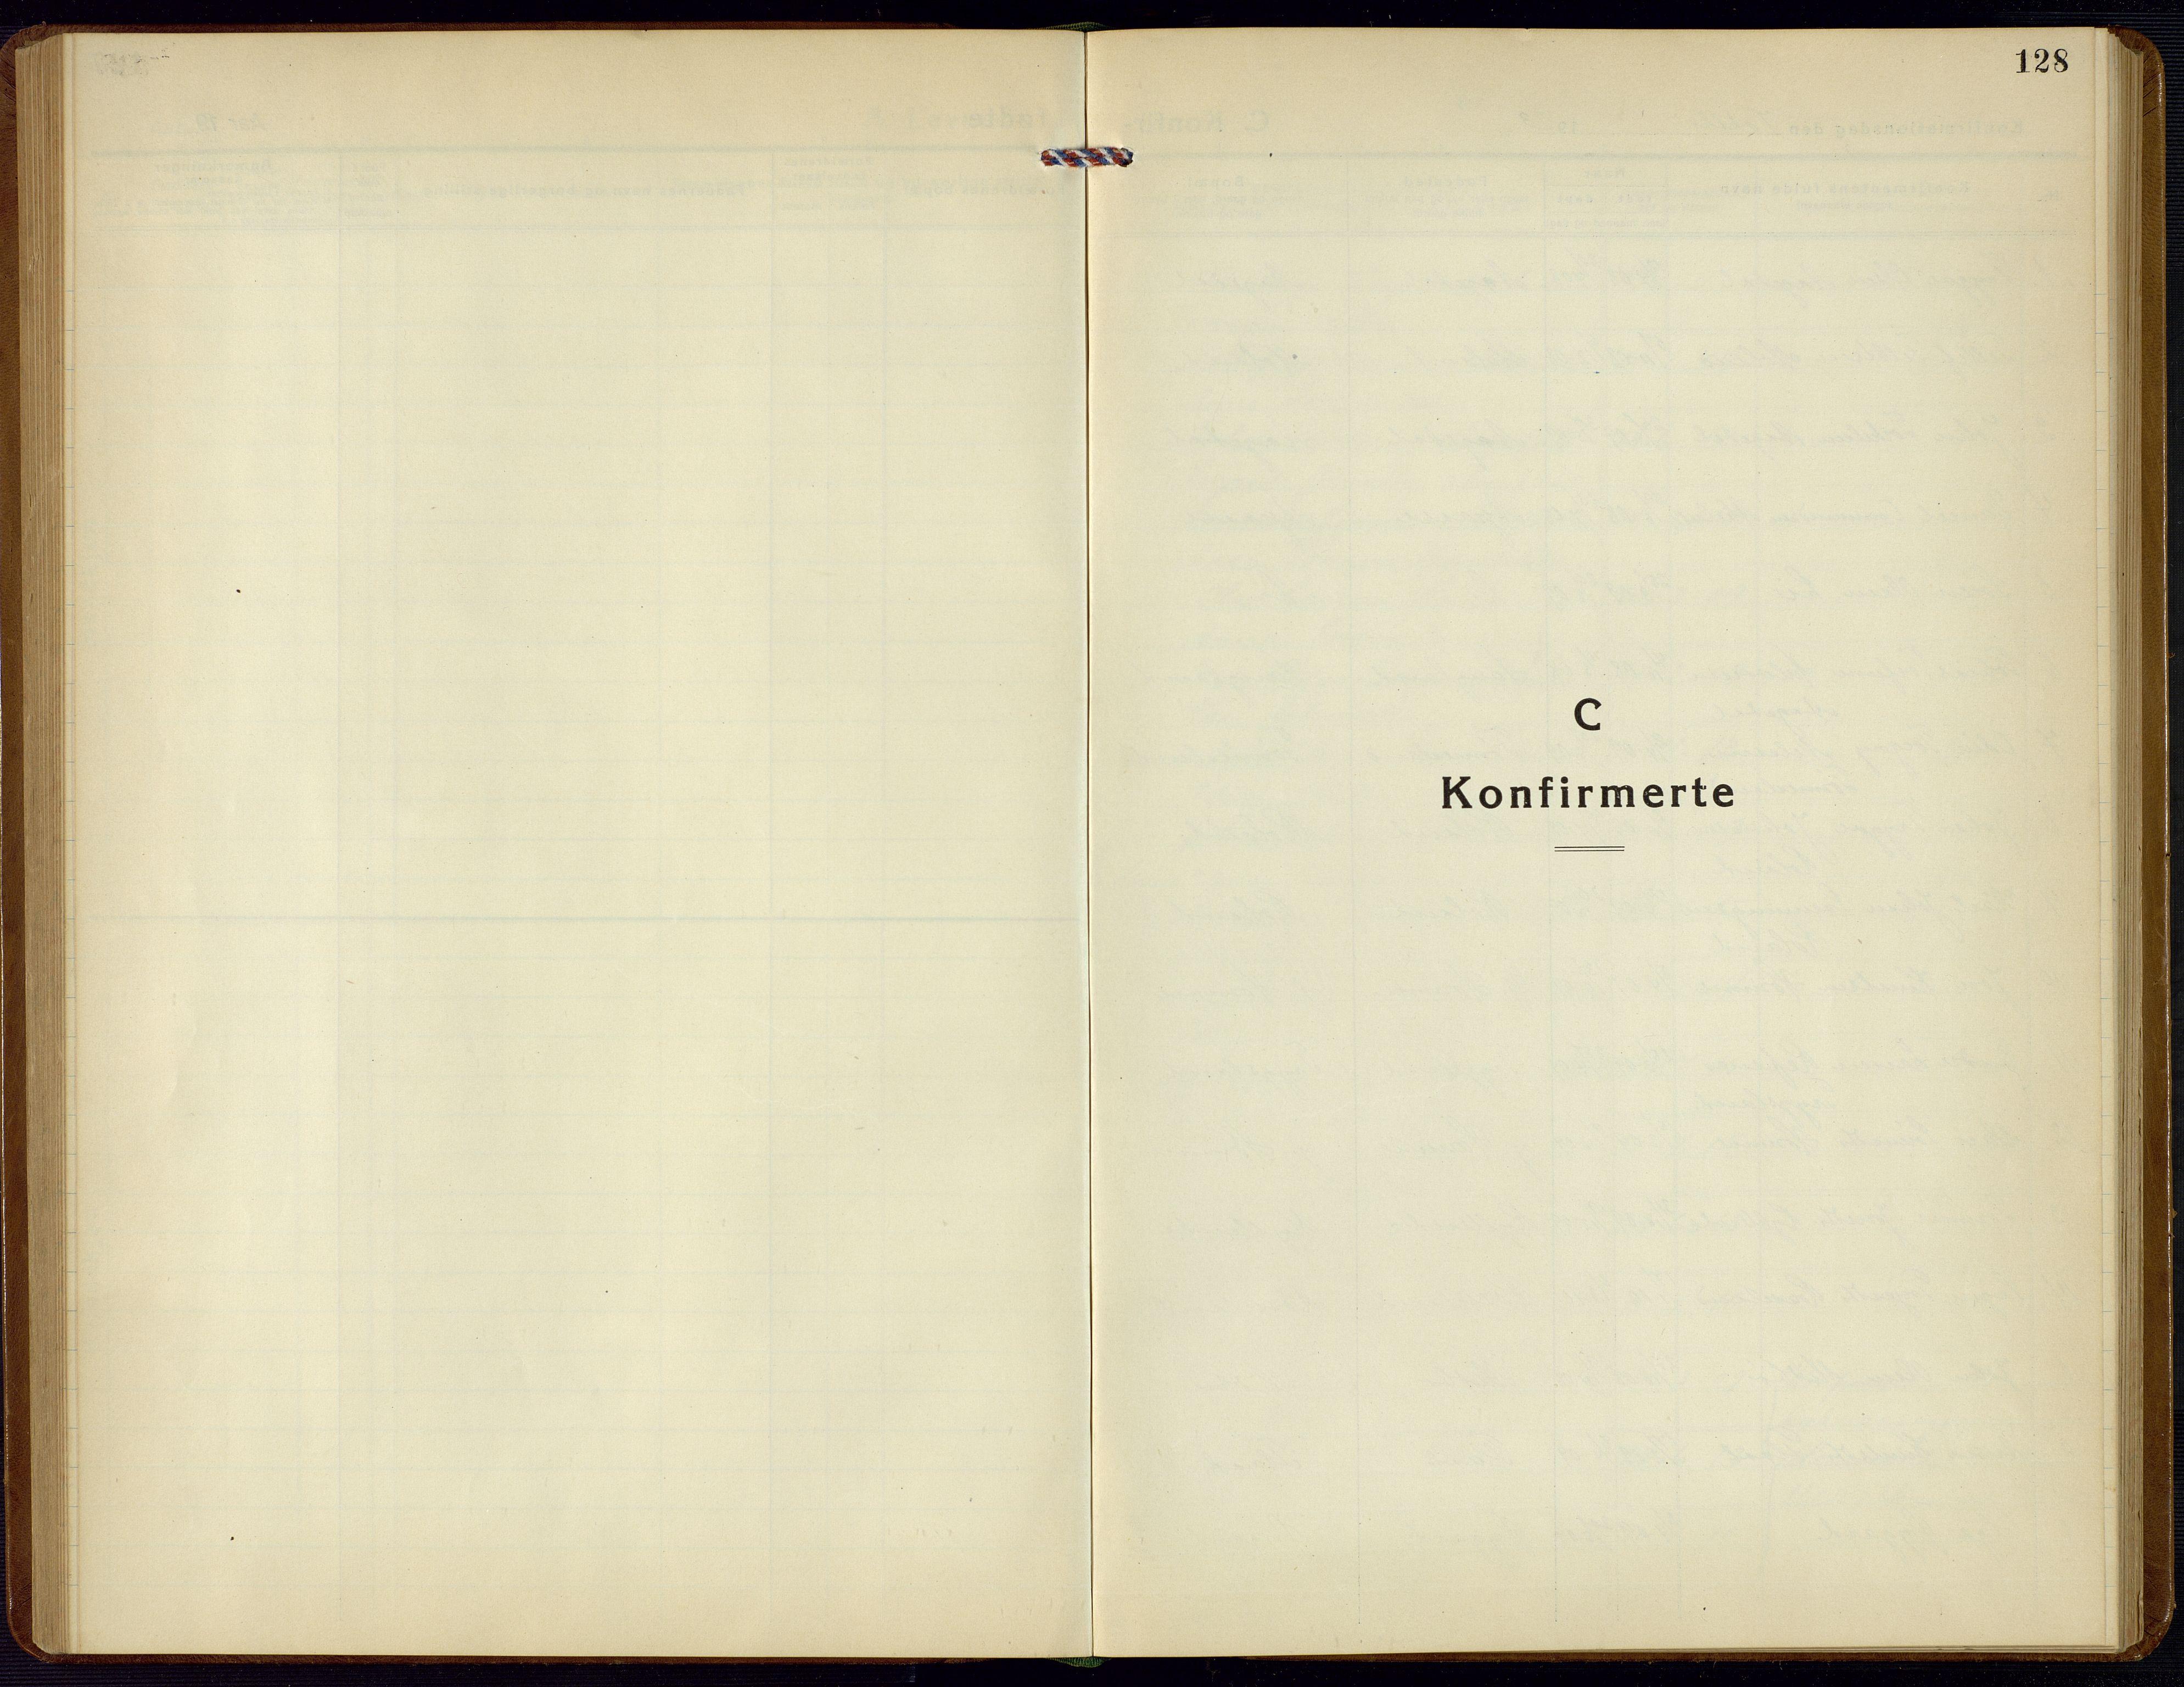 SAK, Bjelland sokneprestkontor, F/Fb/Fba/L0006: Klokkerbok nr. B 6, 1923-1956, s. 128